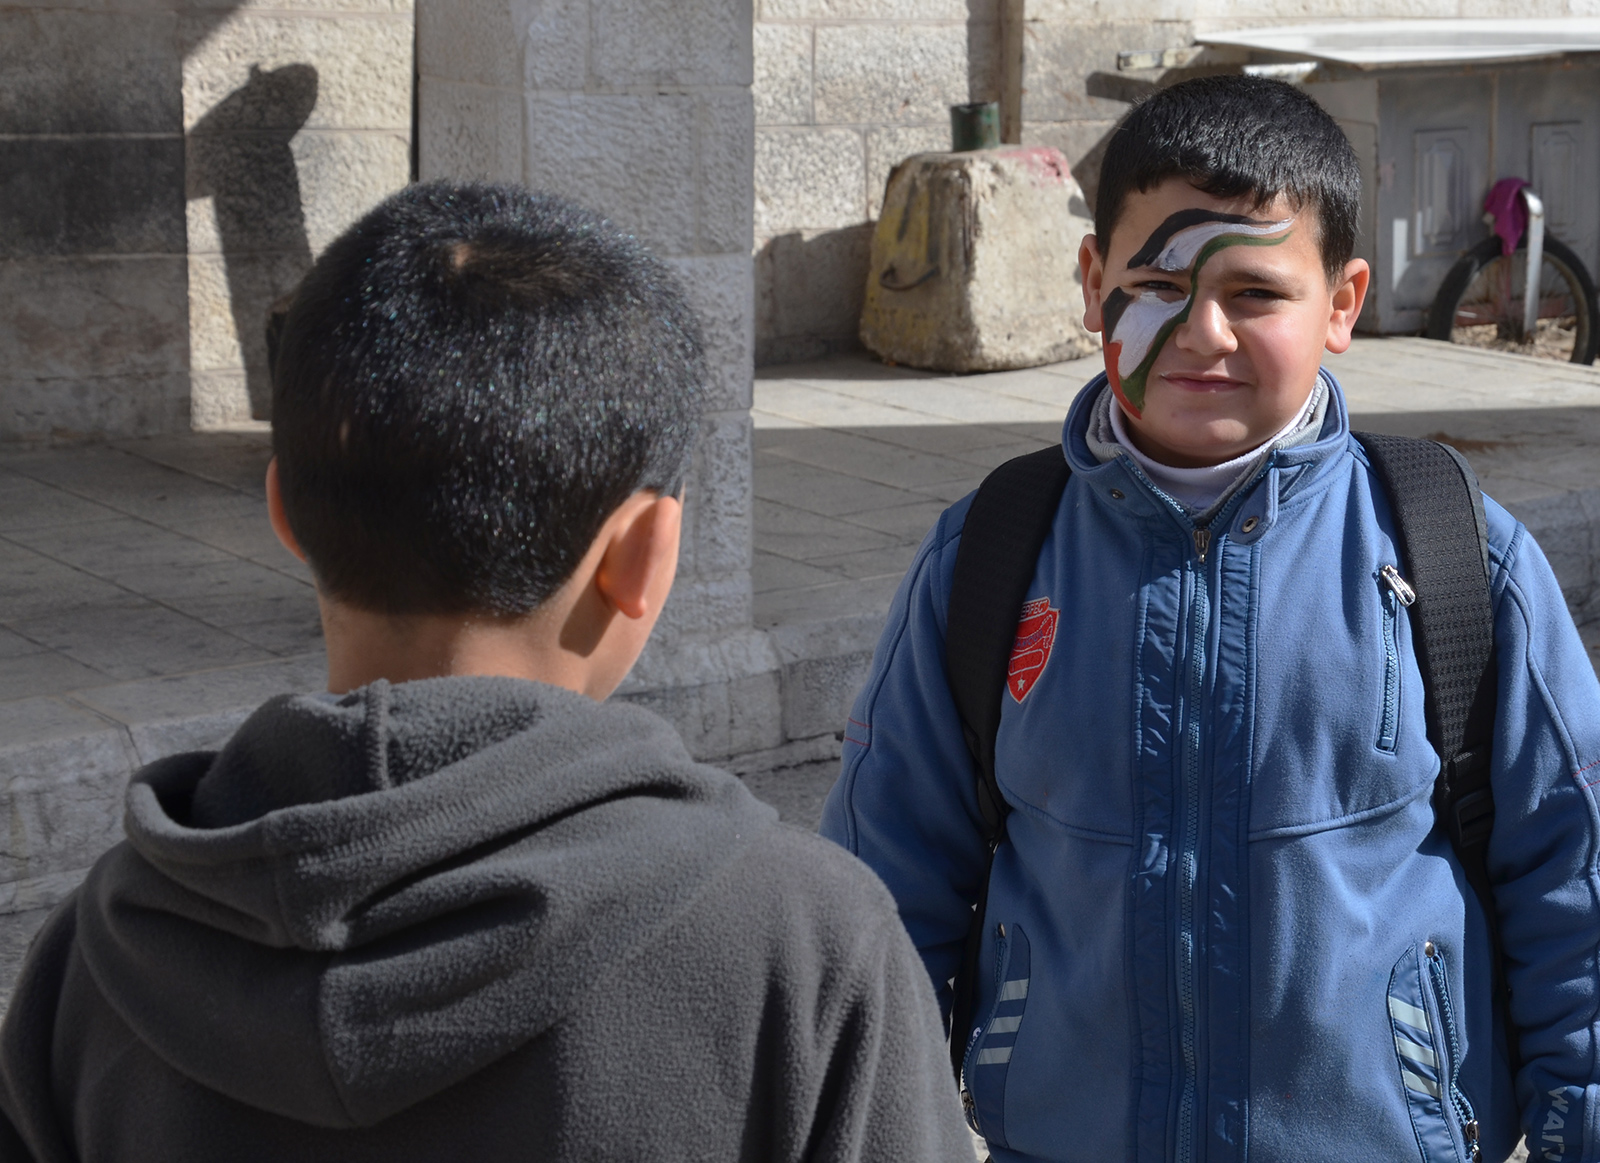 Palestinský fanoušek, Betlém, Západní Břeh